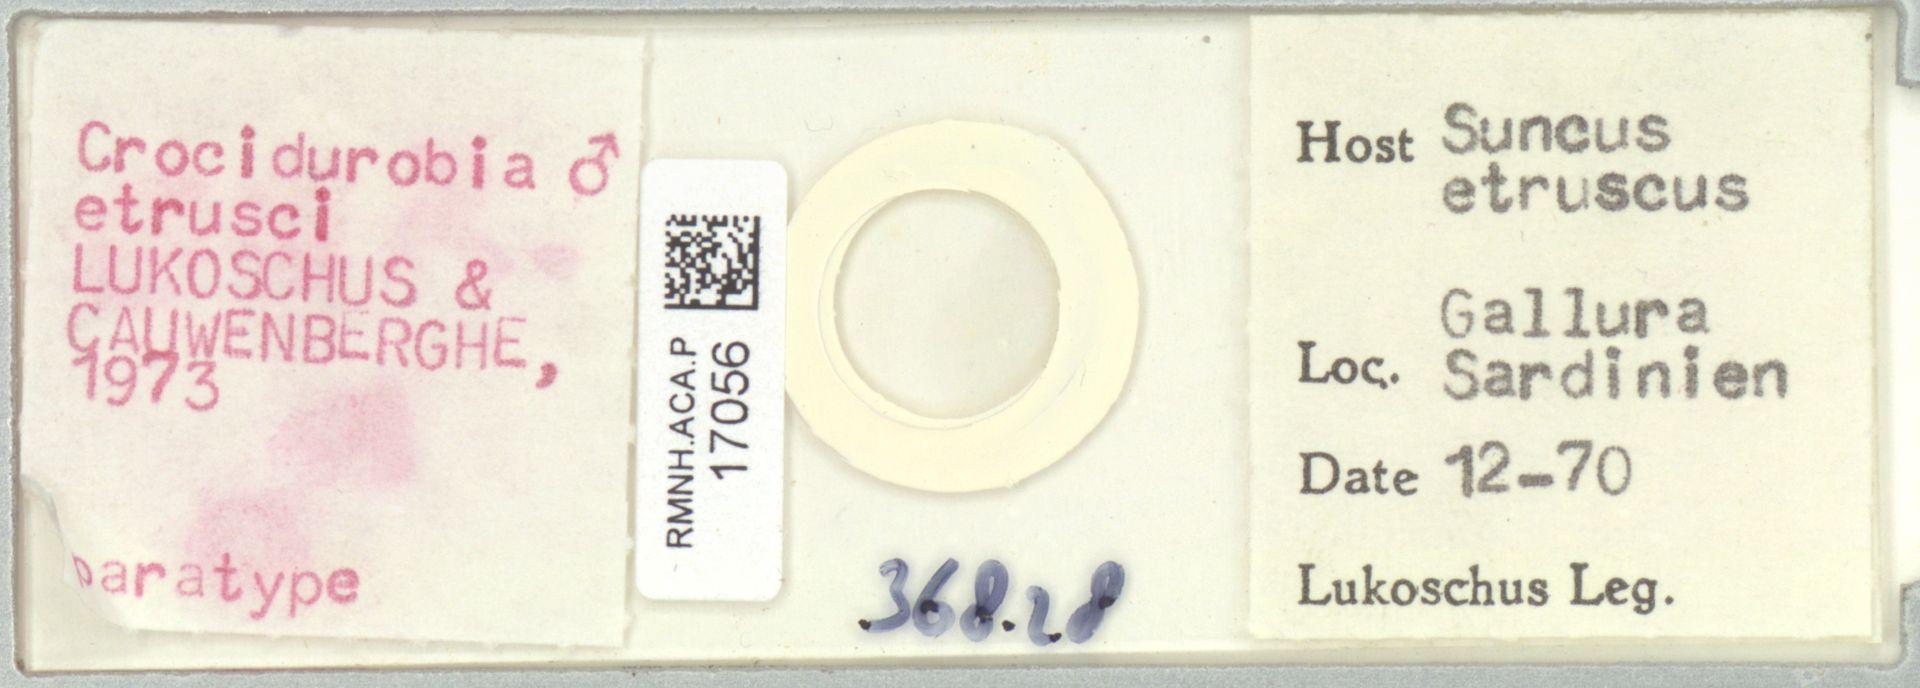 RMNH.ACA.P.17056 | Crocidurobia etrusci